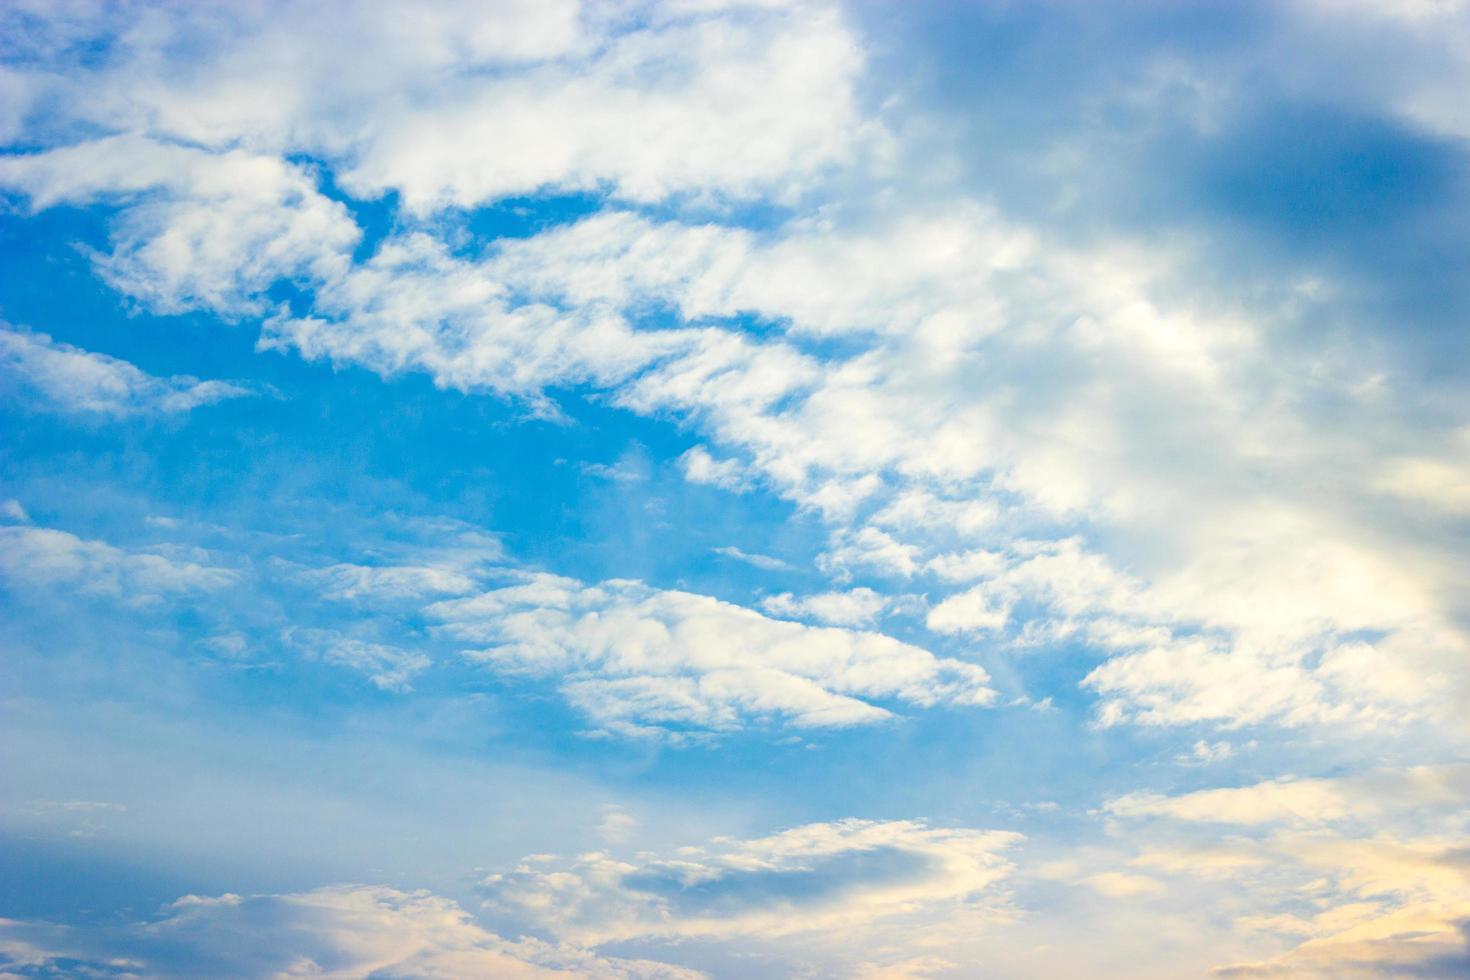 ciel bleu et nuages blancs au coucher du soleil photo